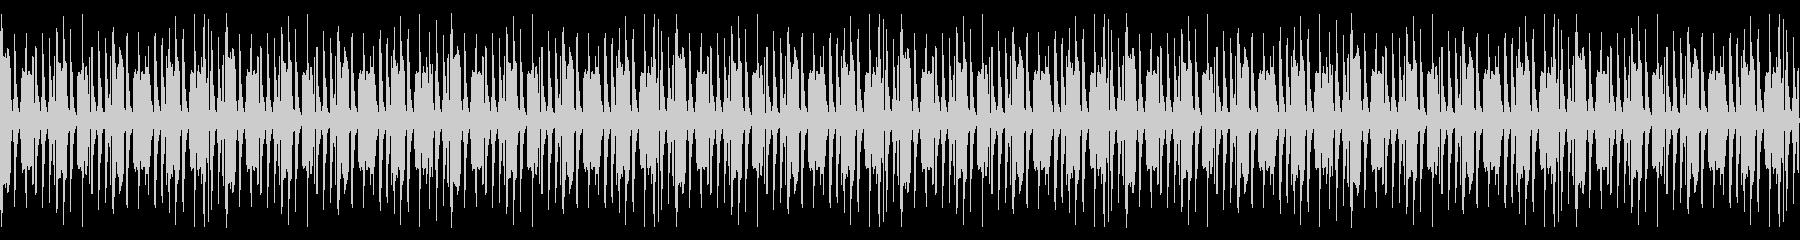 シンプルなHIPHOPのBGMの未再生の波形